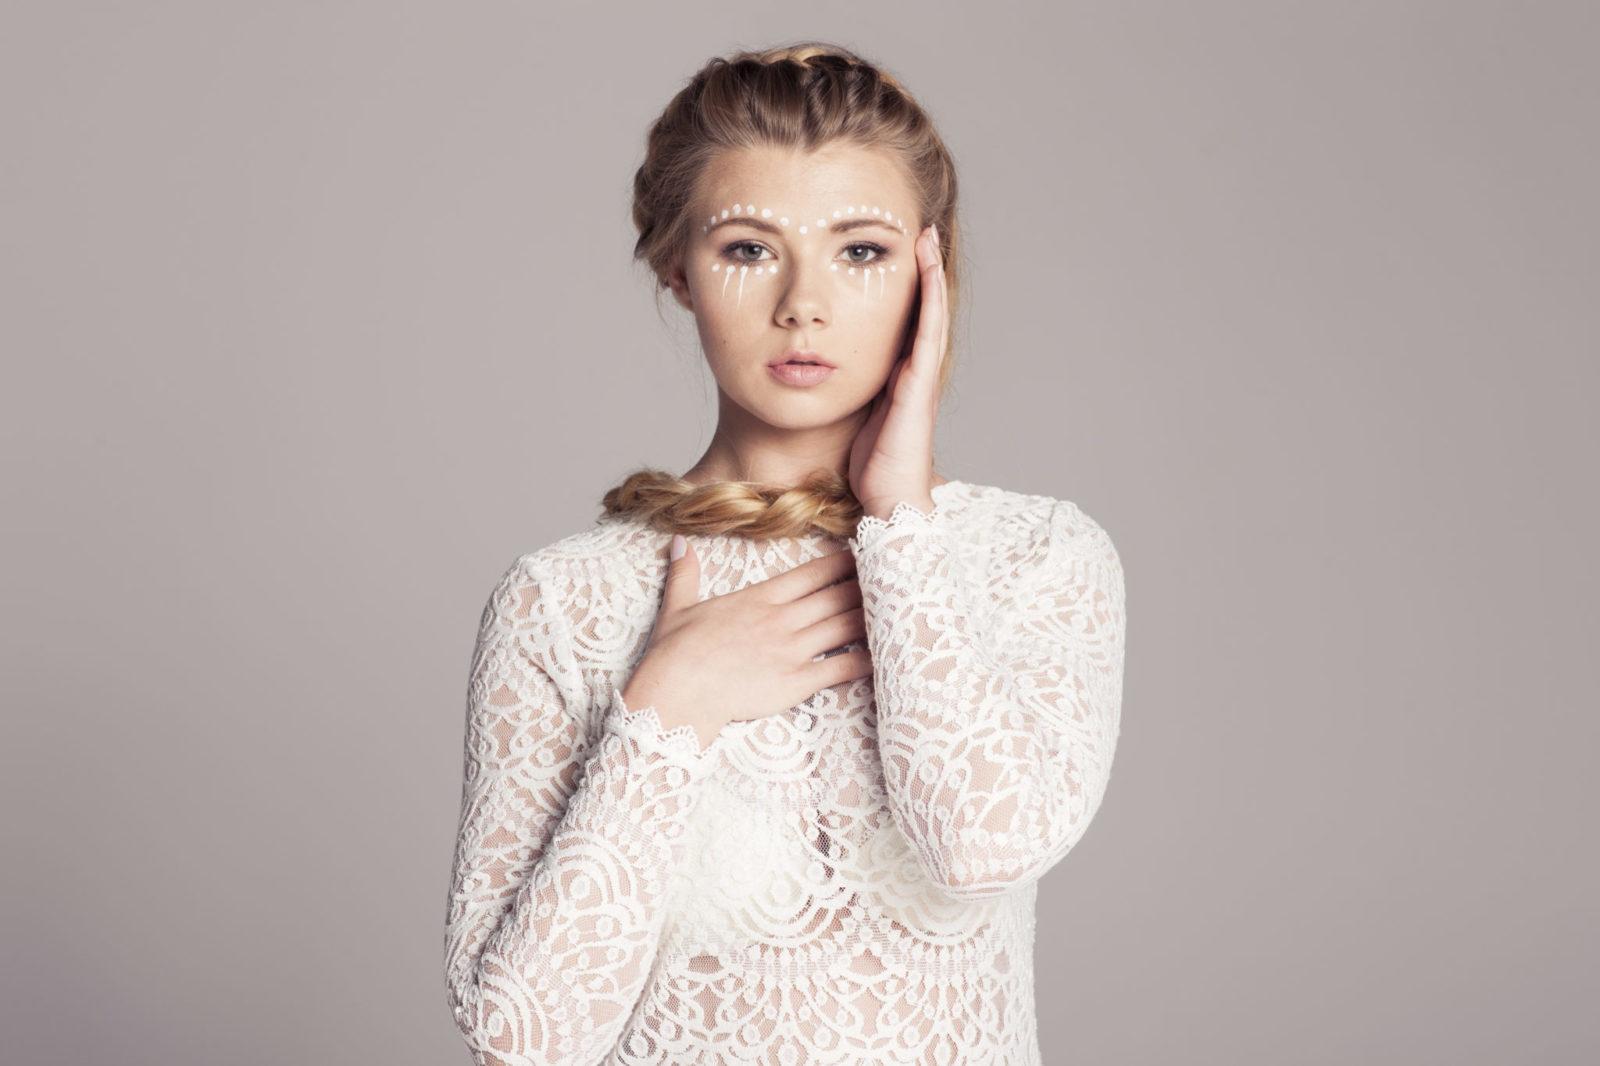 Blondynka w jasnej ażurowej bluzce